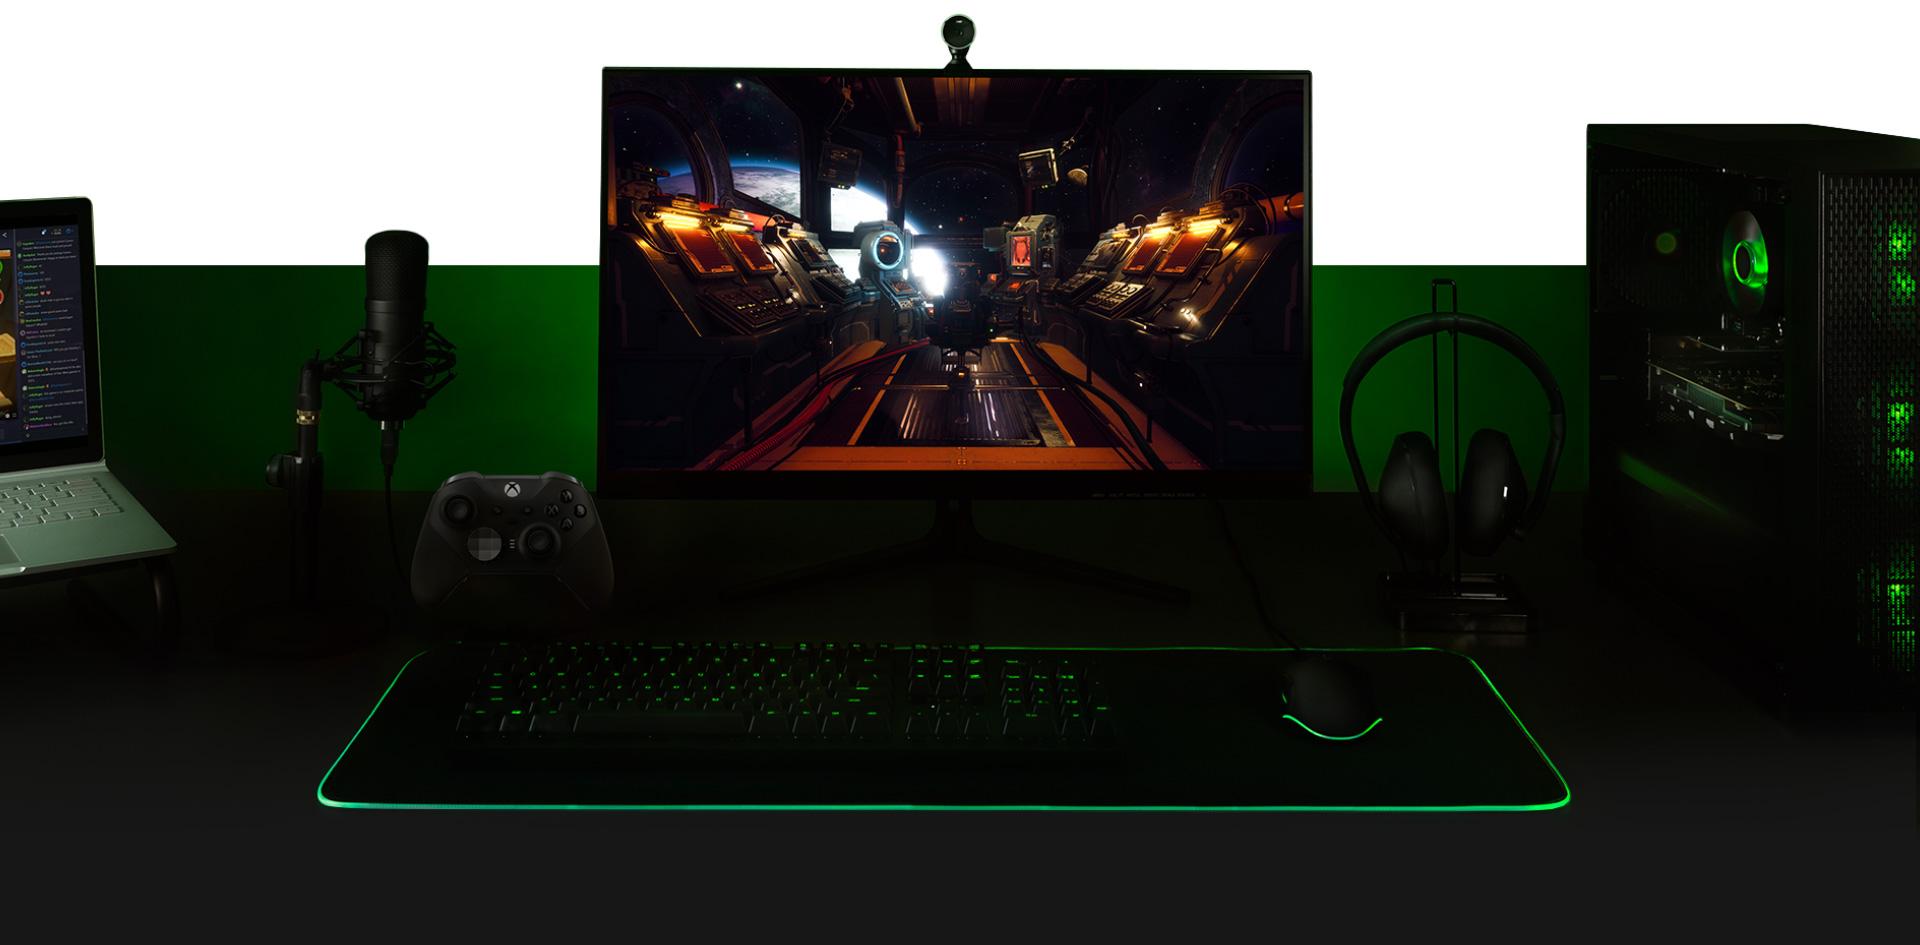 Bureau avec PC, moniteur avec écran du jeu The Outer Worlds, clavier, manette XboxOne, microphone et ordinateur portable, tous interconnectés.